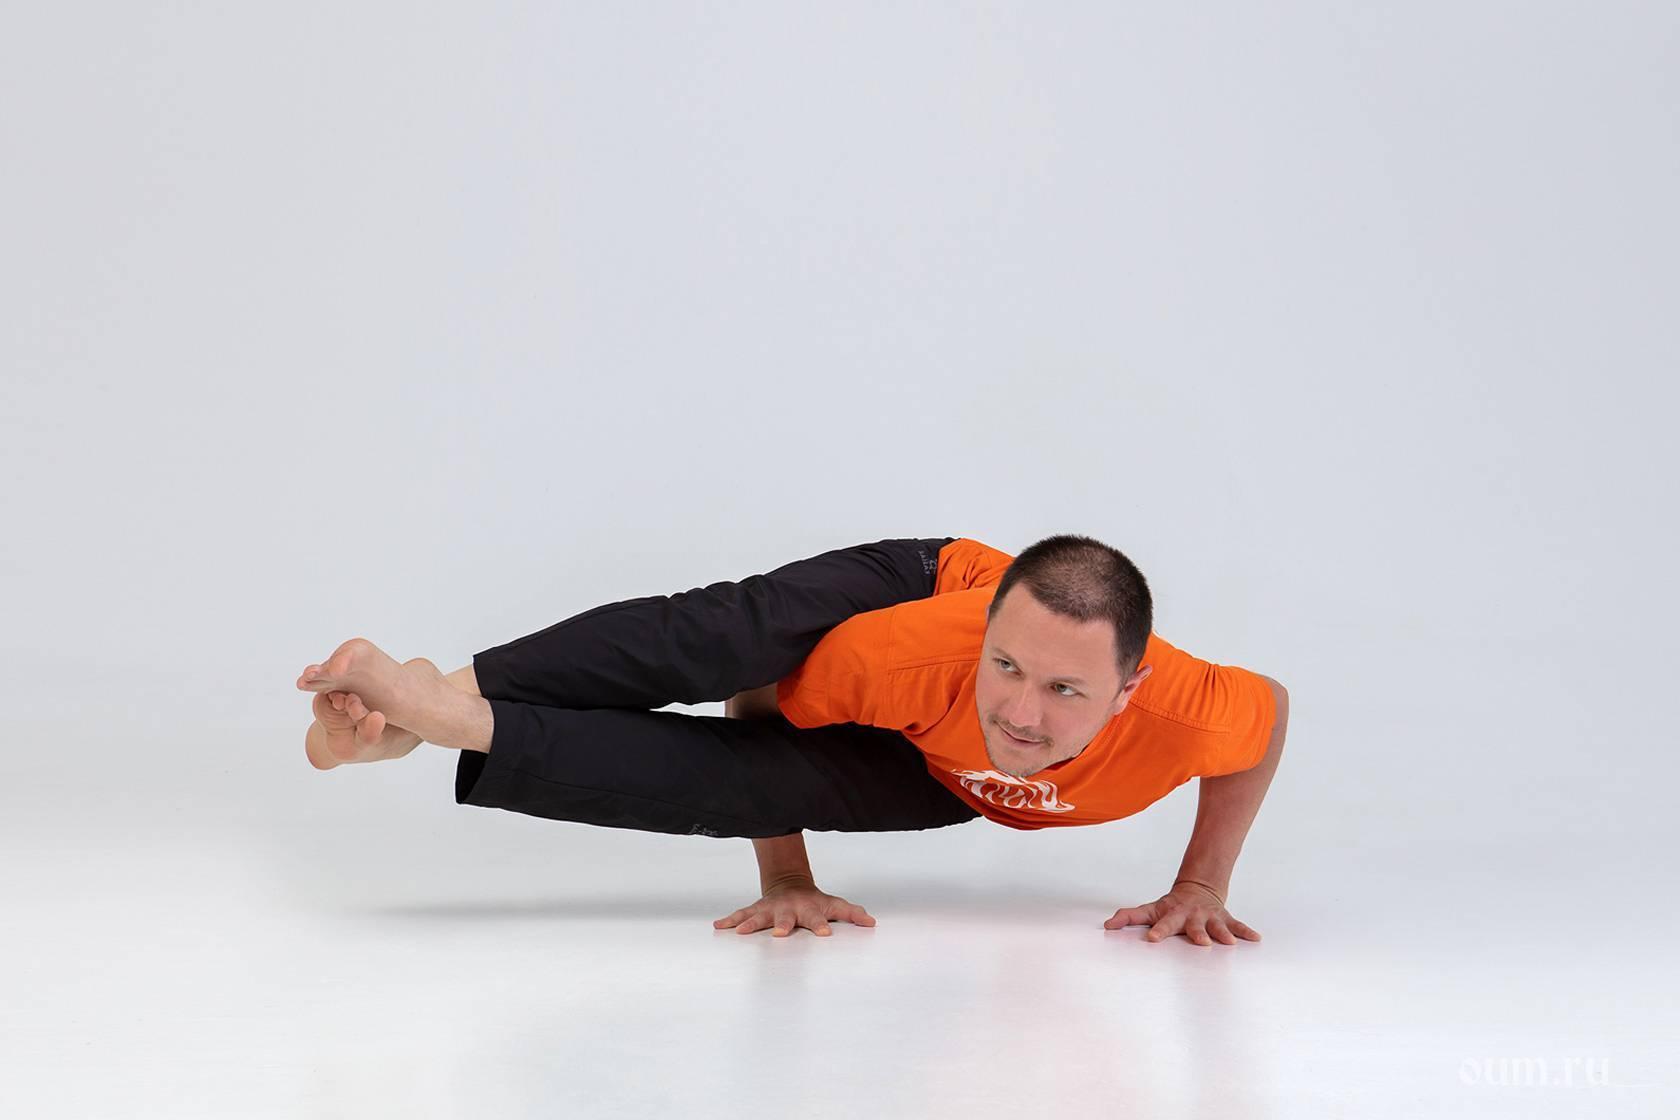 Полная релаксация и отдых: поза ребенка в йоге или баласана восстанавливает силы